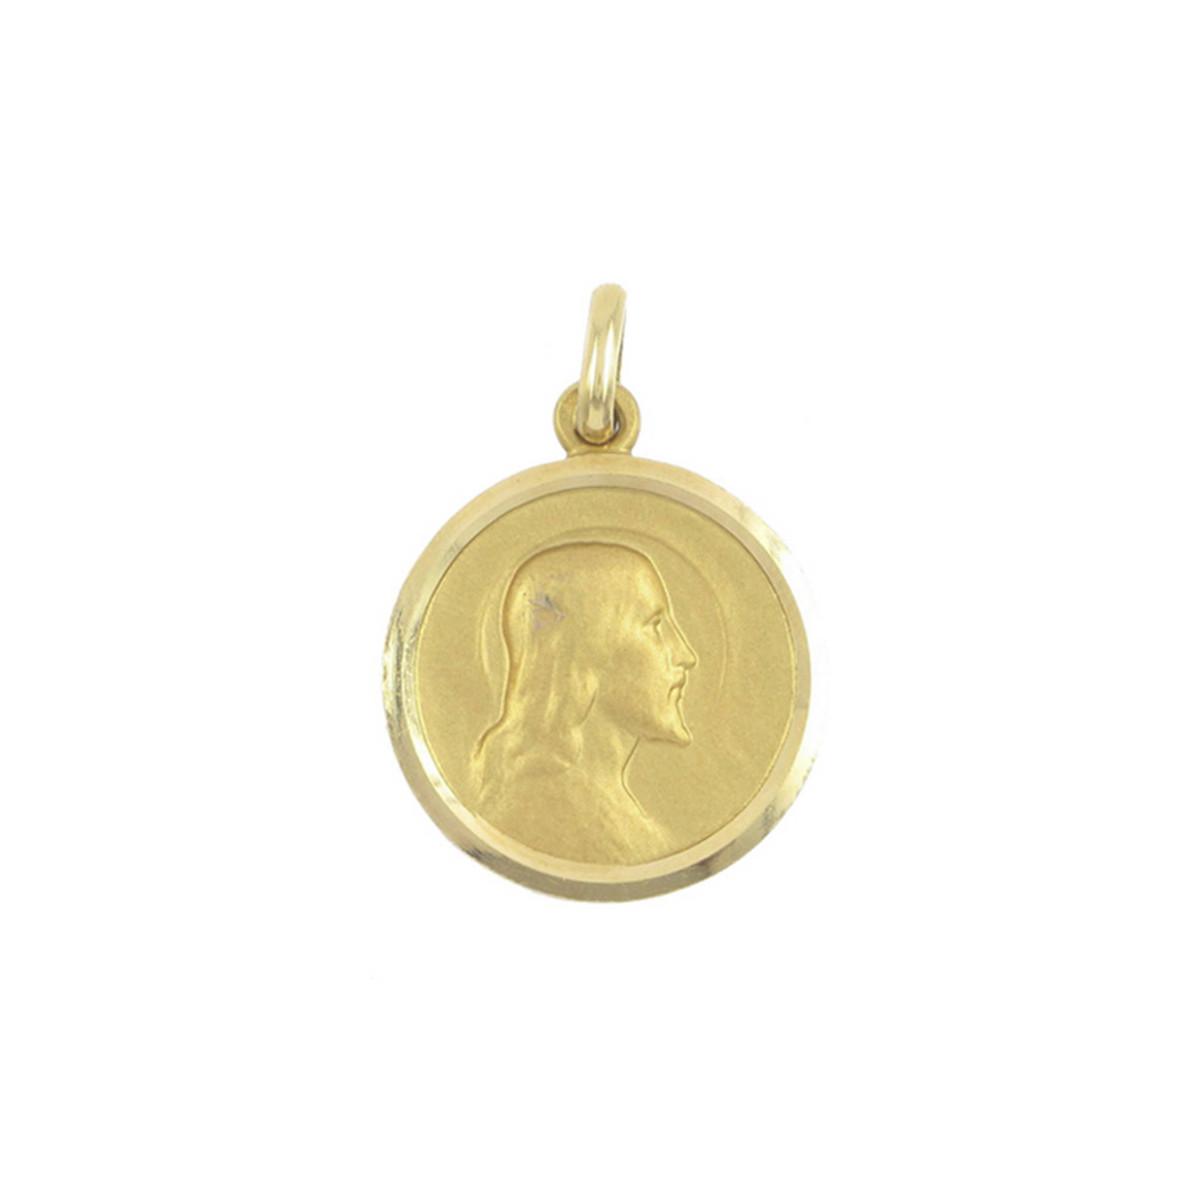 GOLD SCAPULAR 20 MM